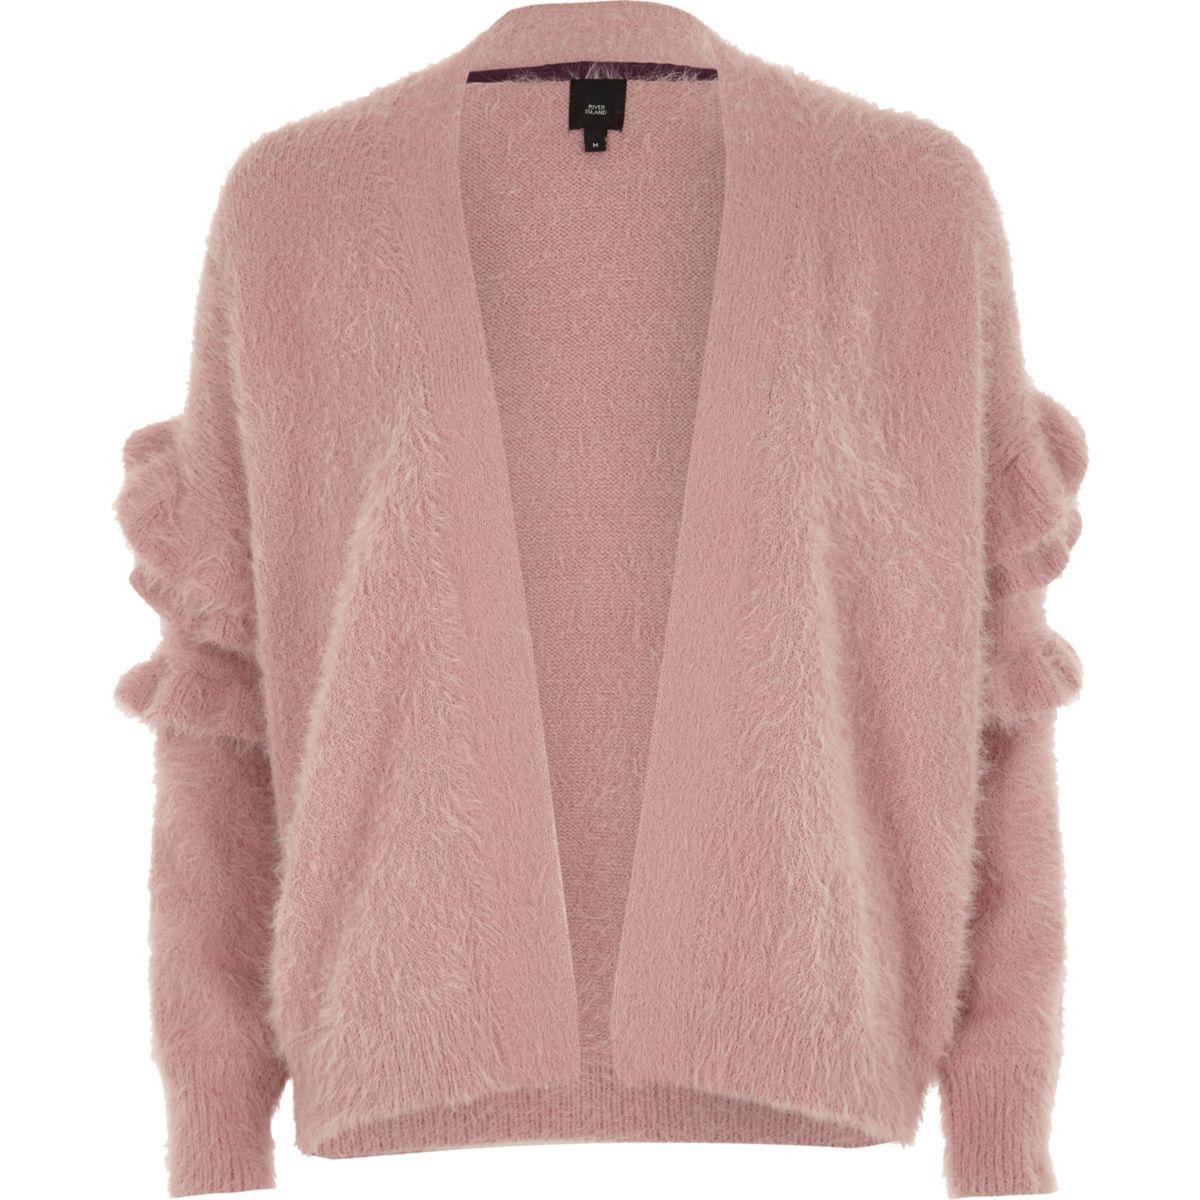 Dusty pink fluffy frill sleeve cardigan